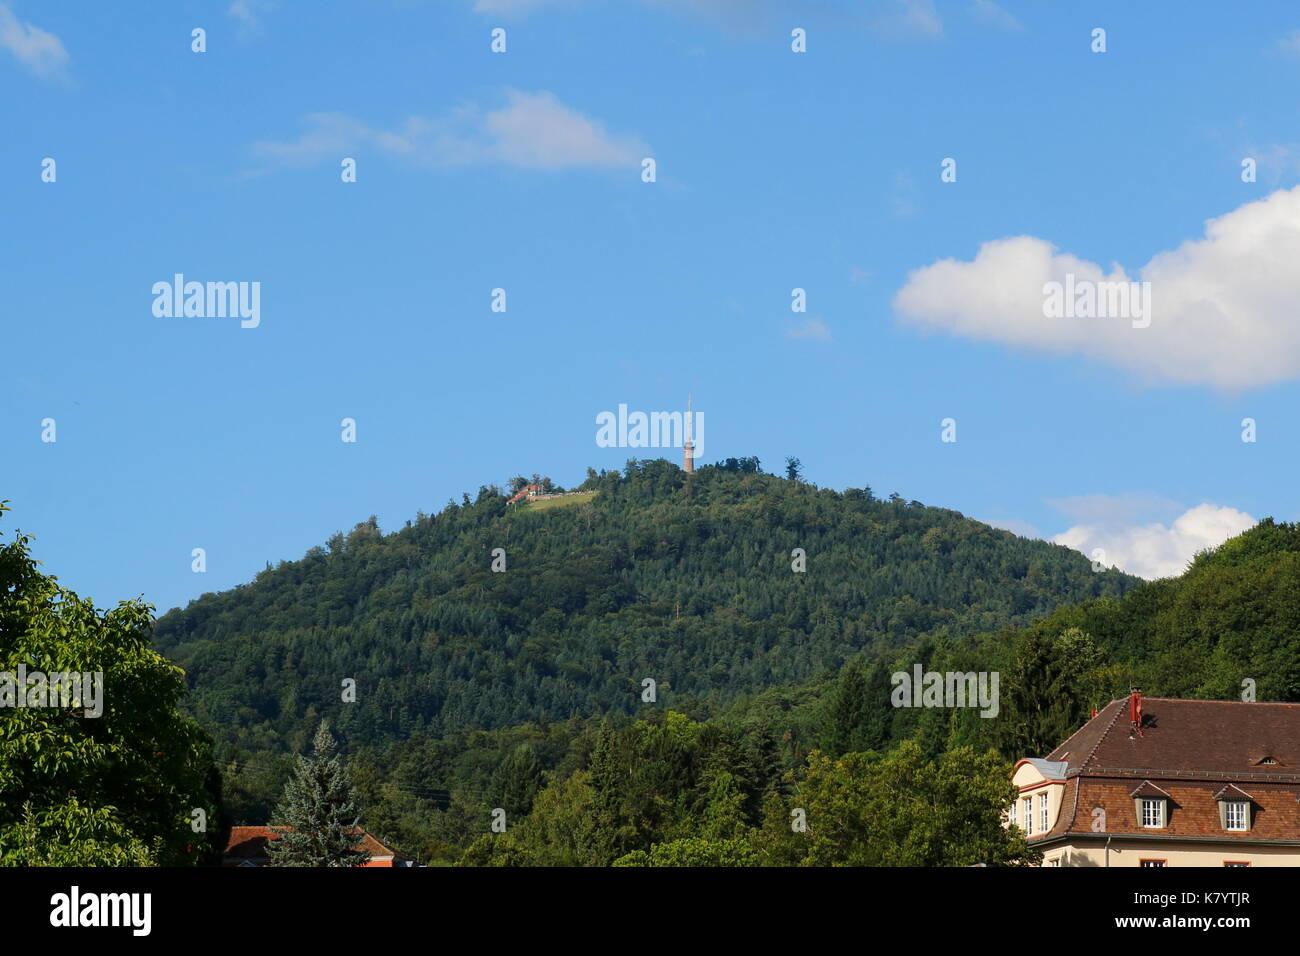 Blick auf den Berg Merkur in Baden-Baden - Stock Image